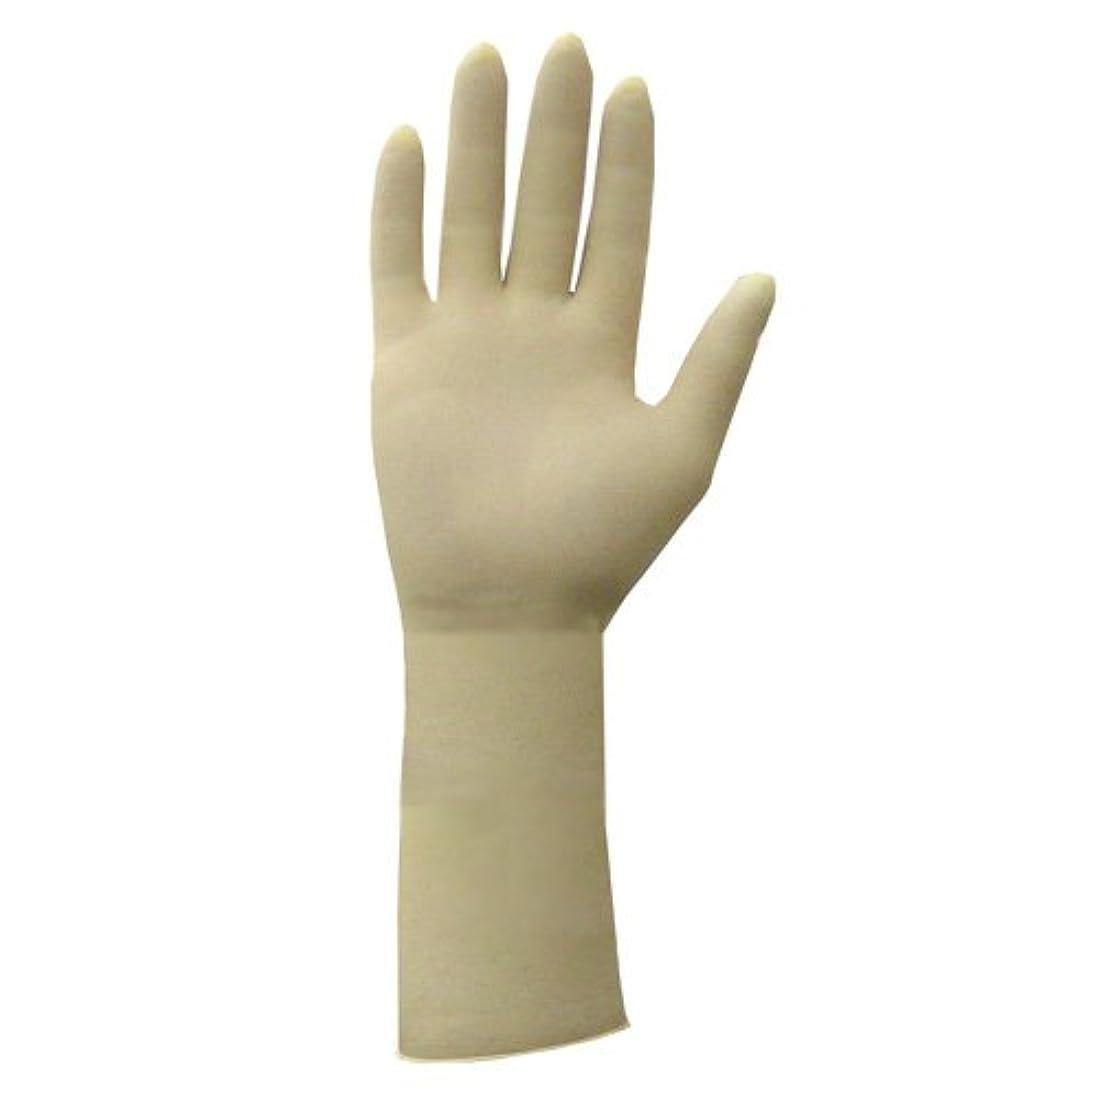 インチる切るロングラテックス手袋(L)1,000枚